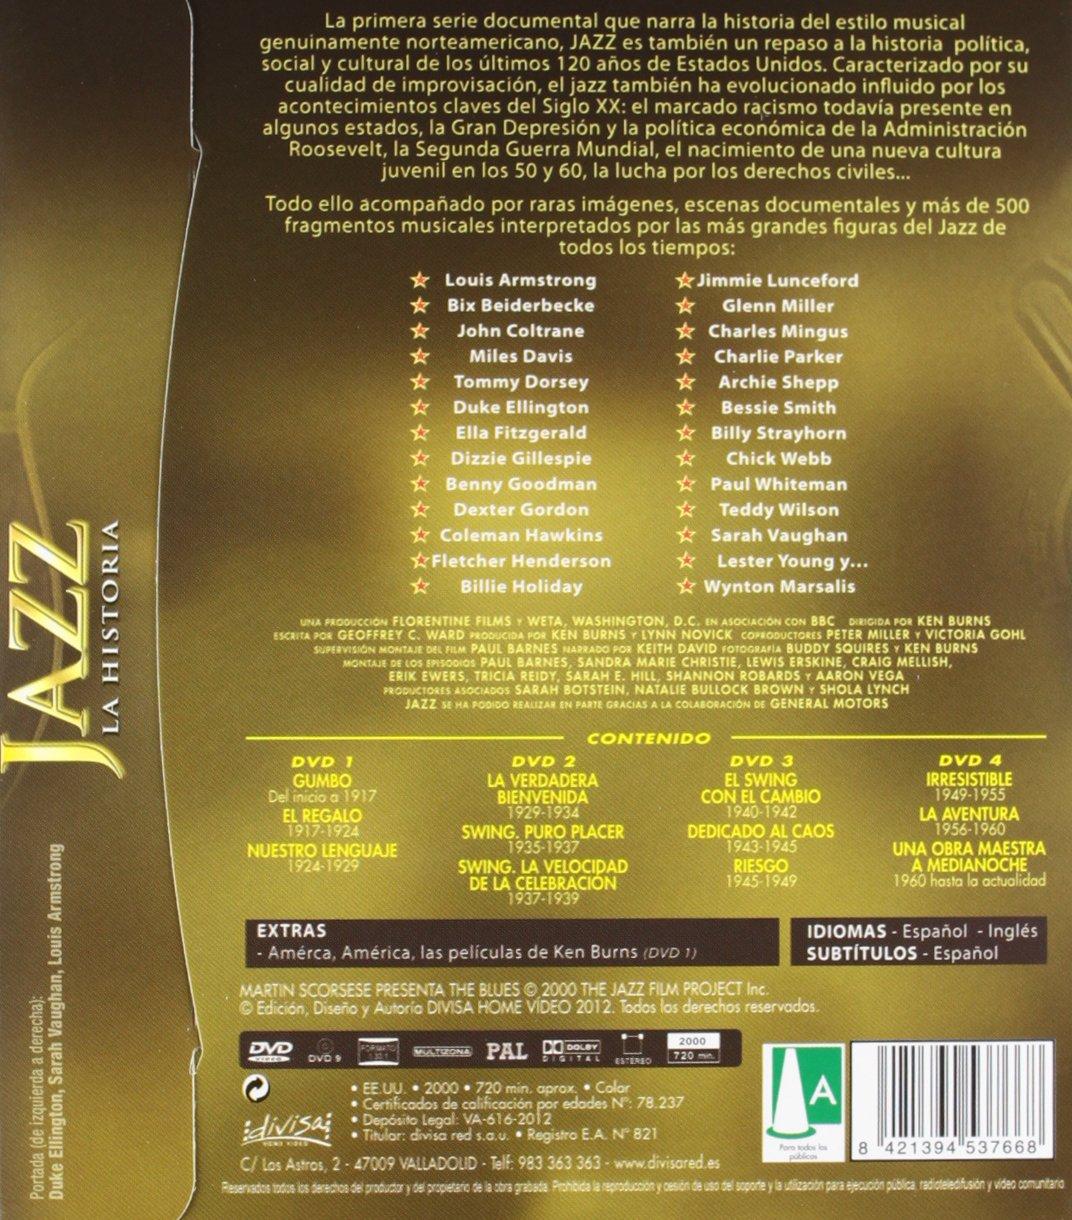 Jazz del que mola. - Página 8 81VBjAD3ZVL._SL1220_